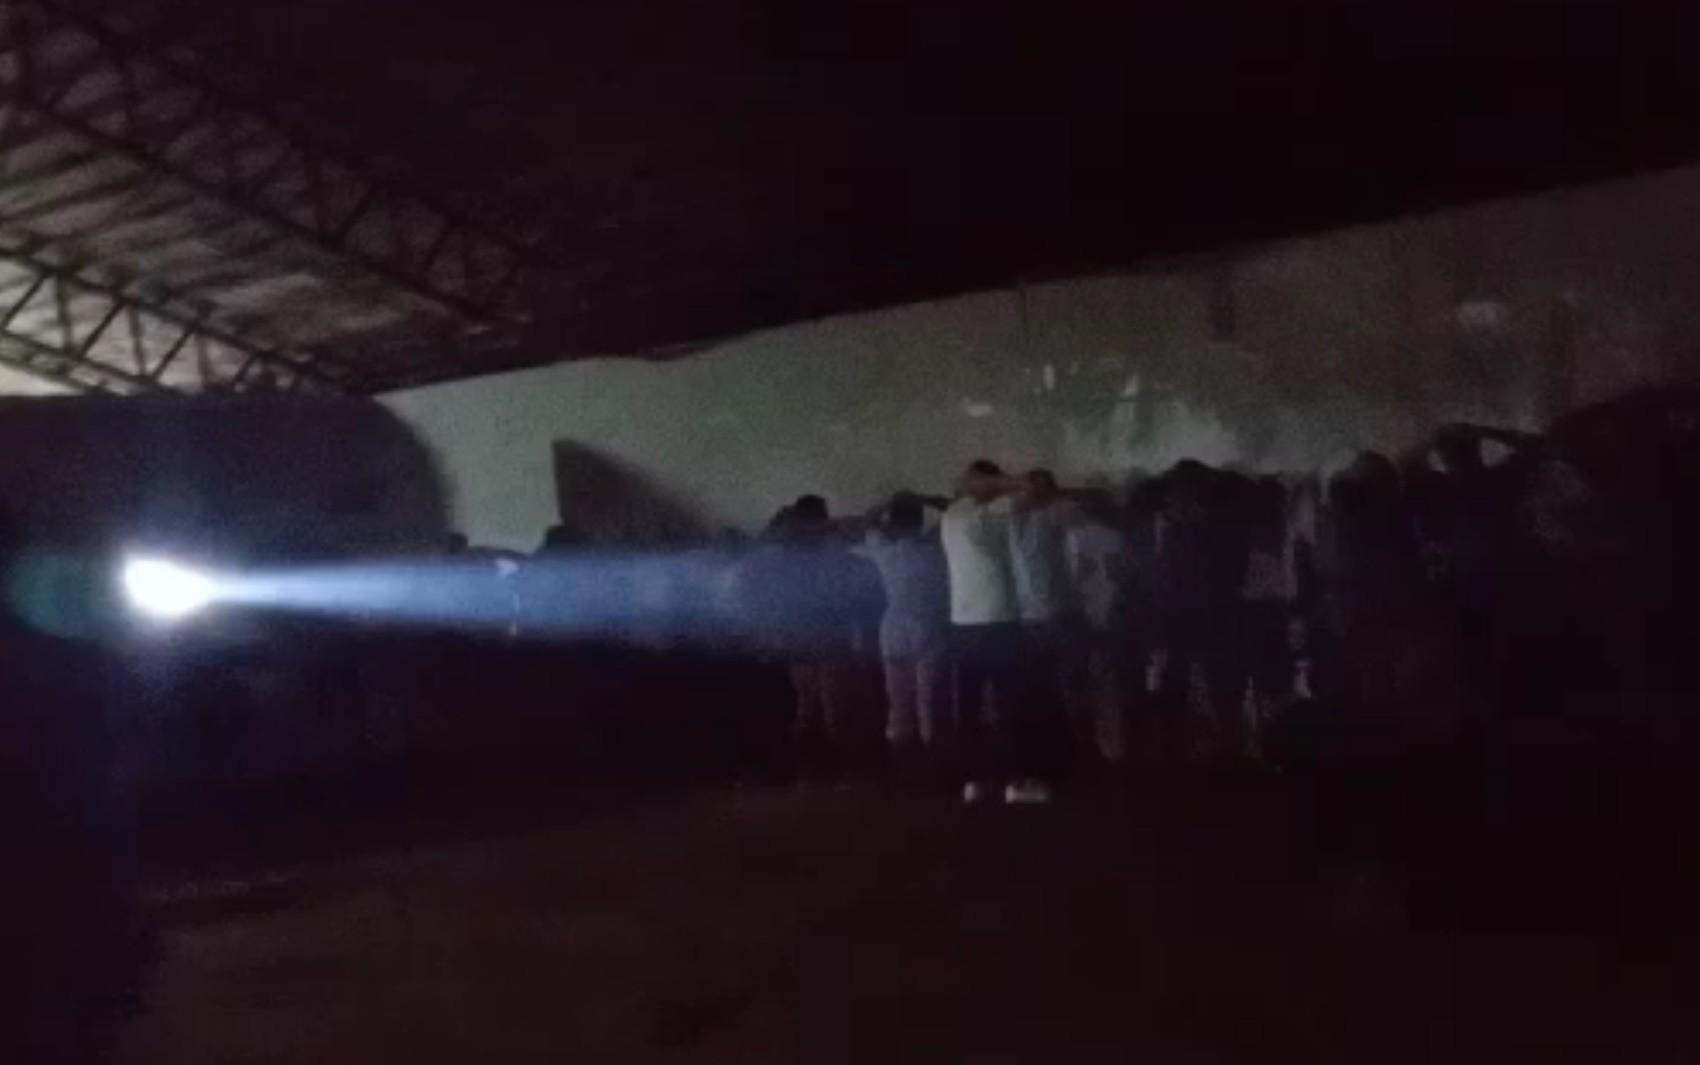 Fiscais acabam com festa com mais de 100 pessoas após organizador postar vídeo nas redes sociais, em Goiânia